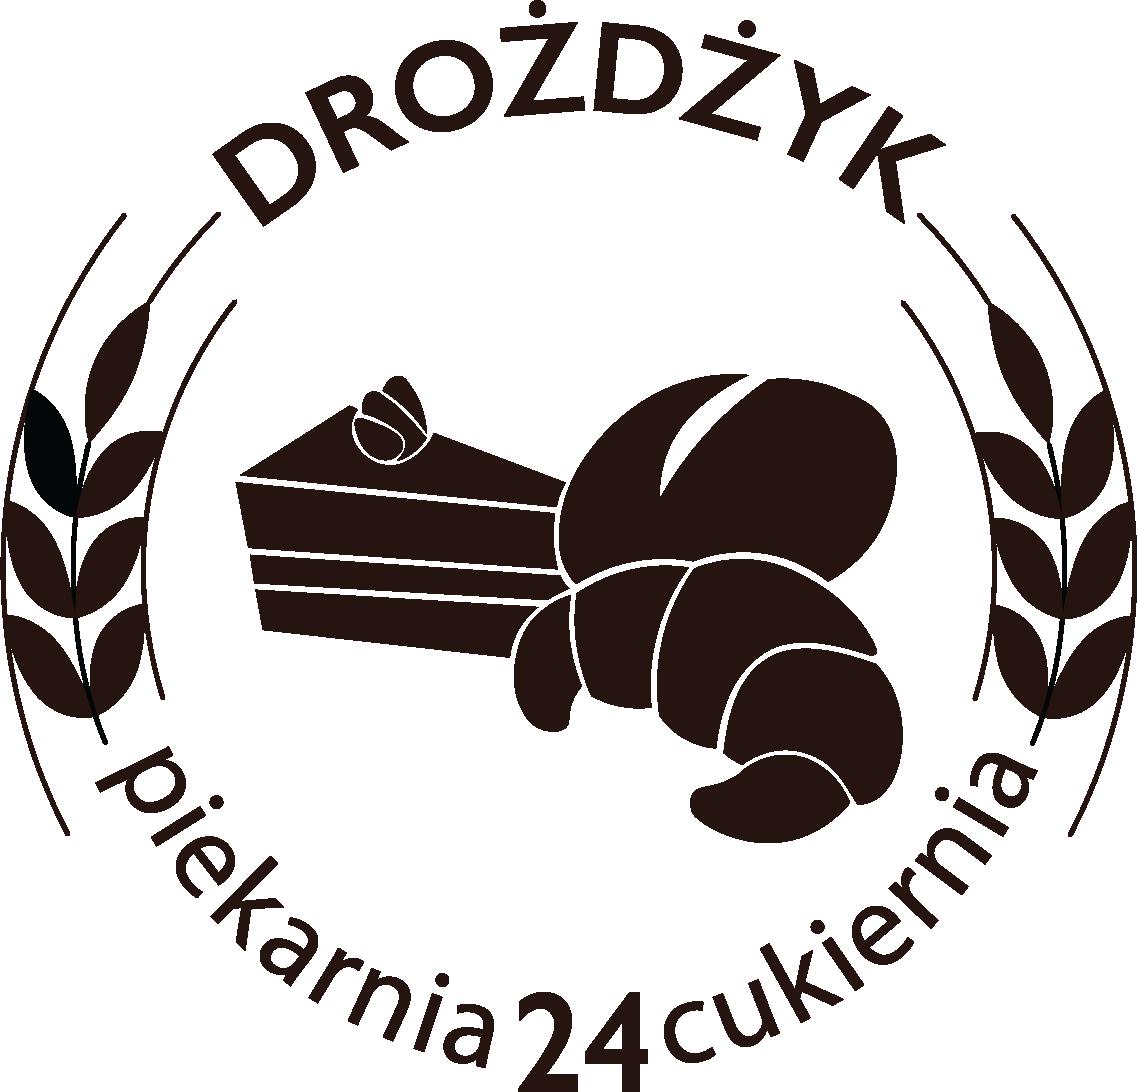 drozdzyk_nowe_logo